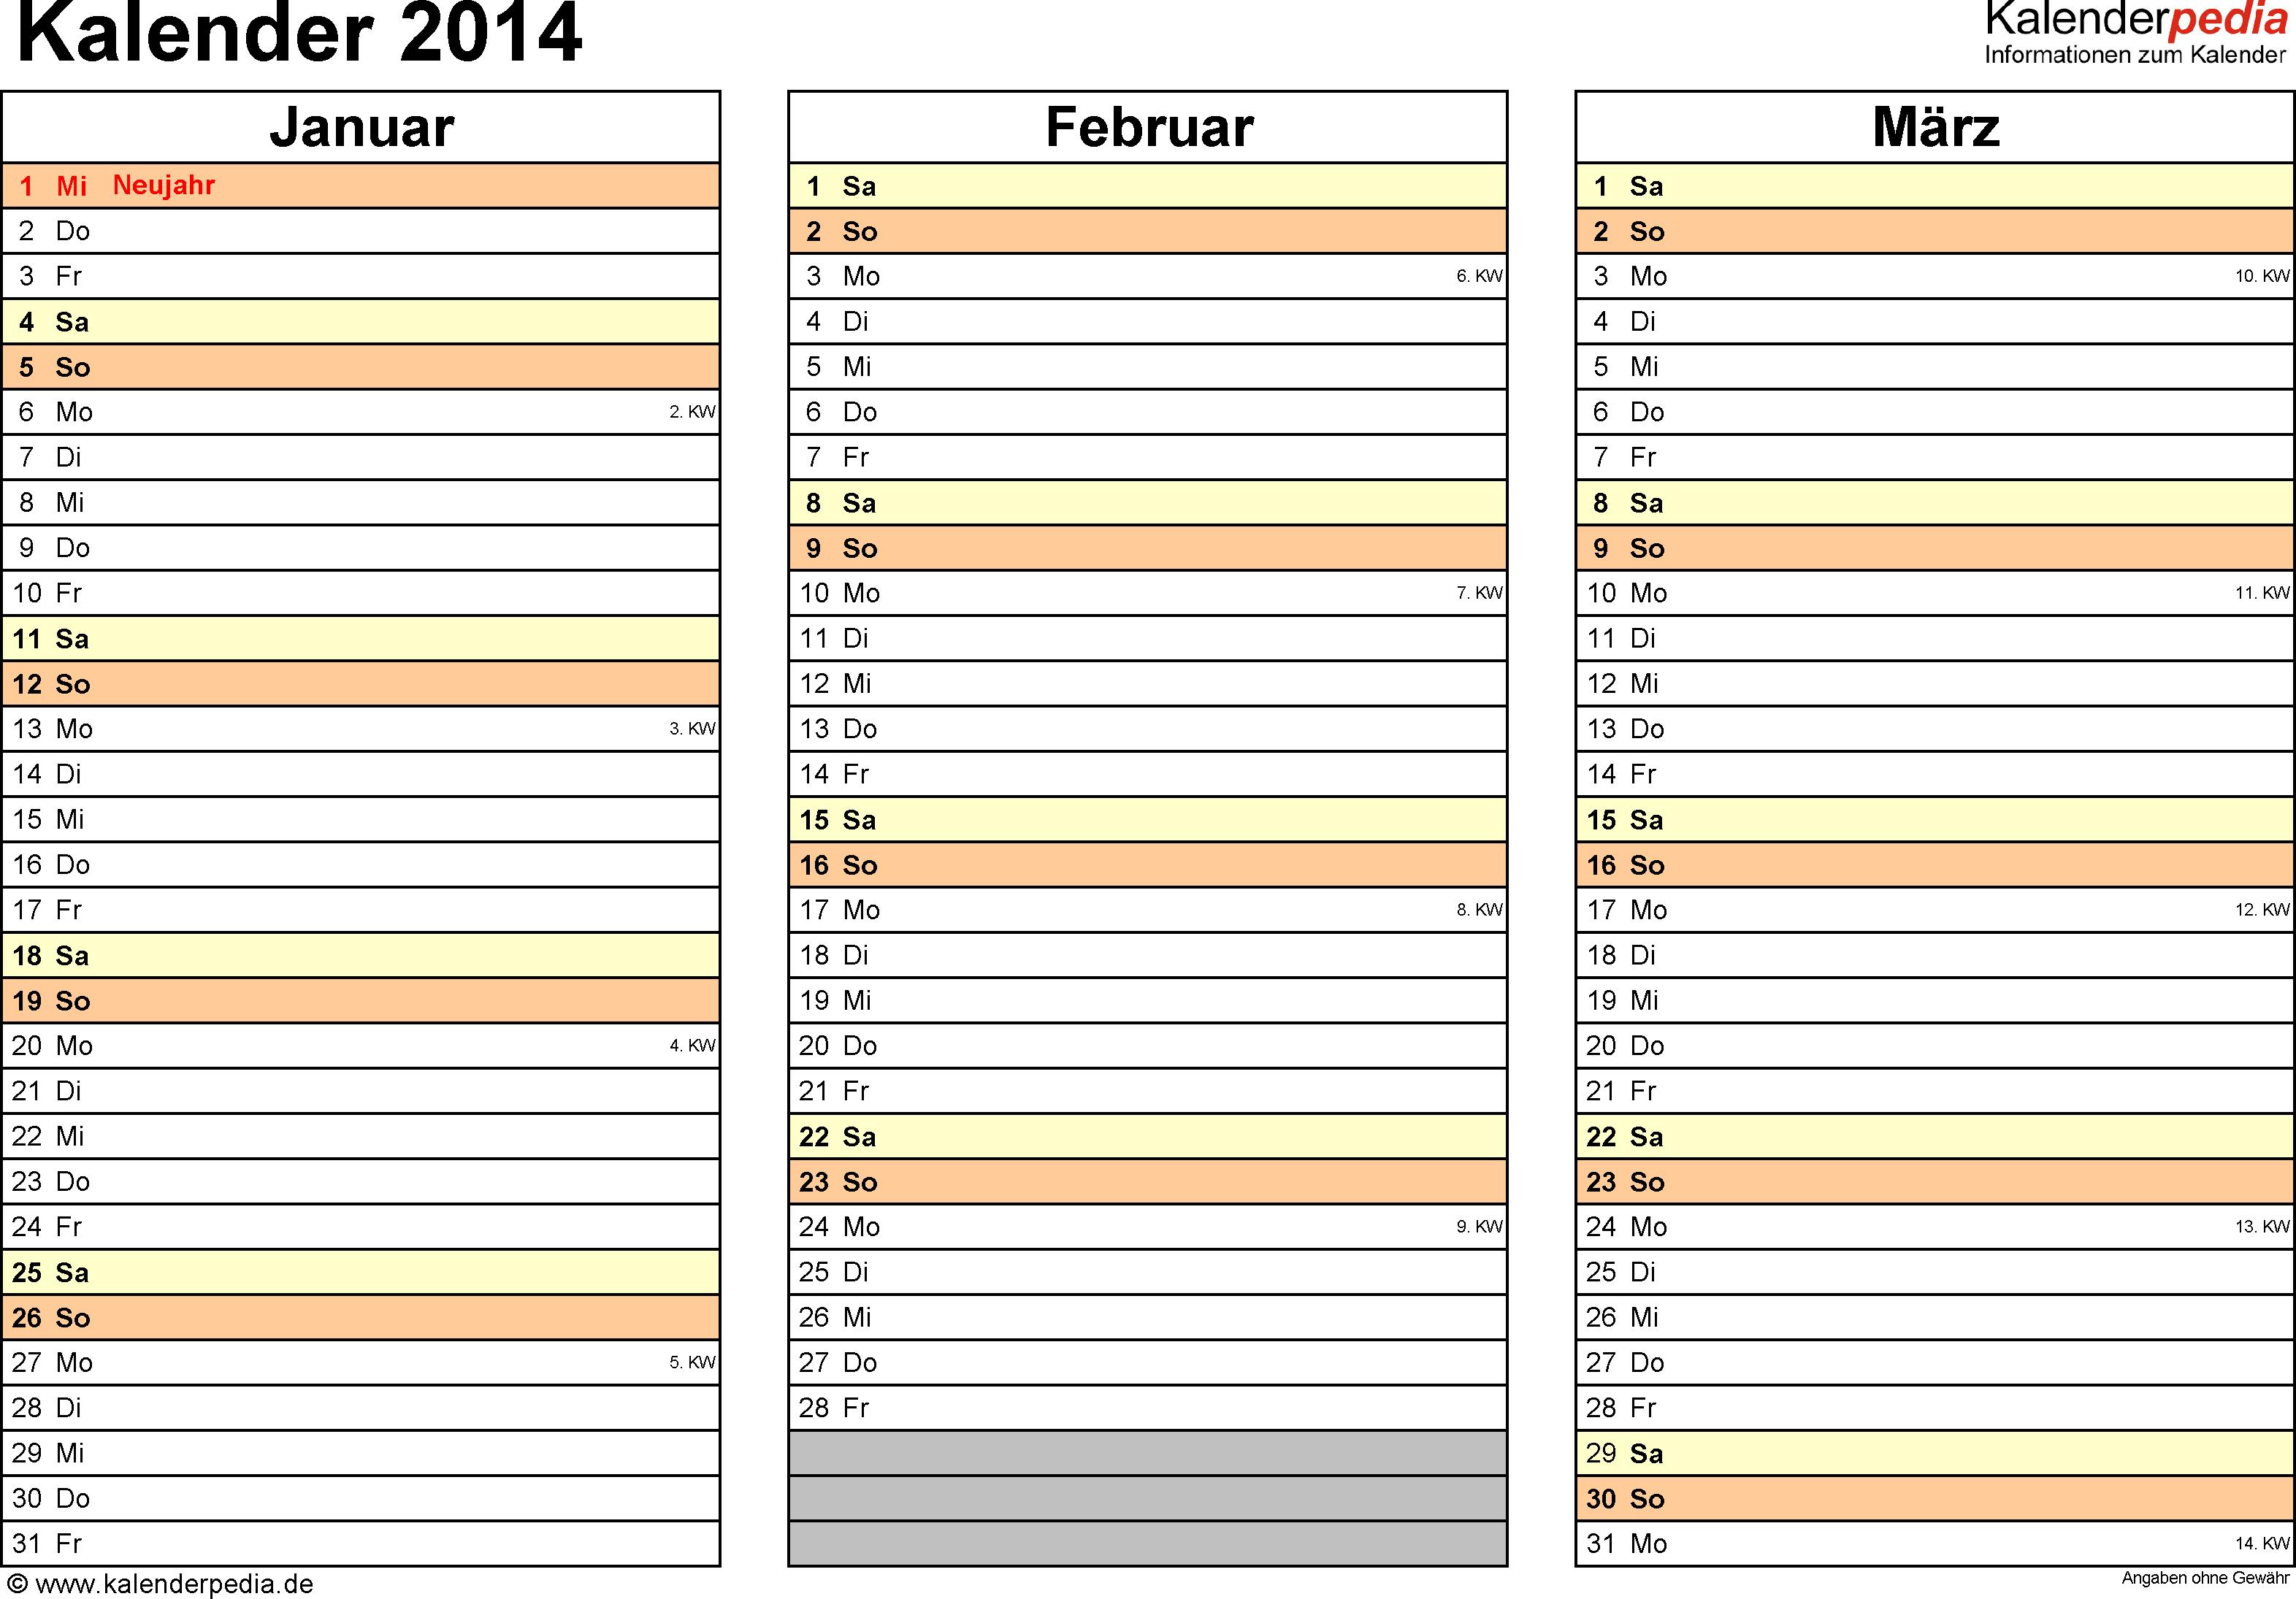 Vorlage 5: Kalender 2014 als PDF-Datei, Querformat, 4 Seiten, jedes Quartal auf einer Seite